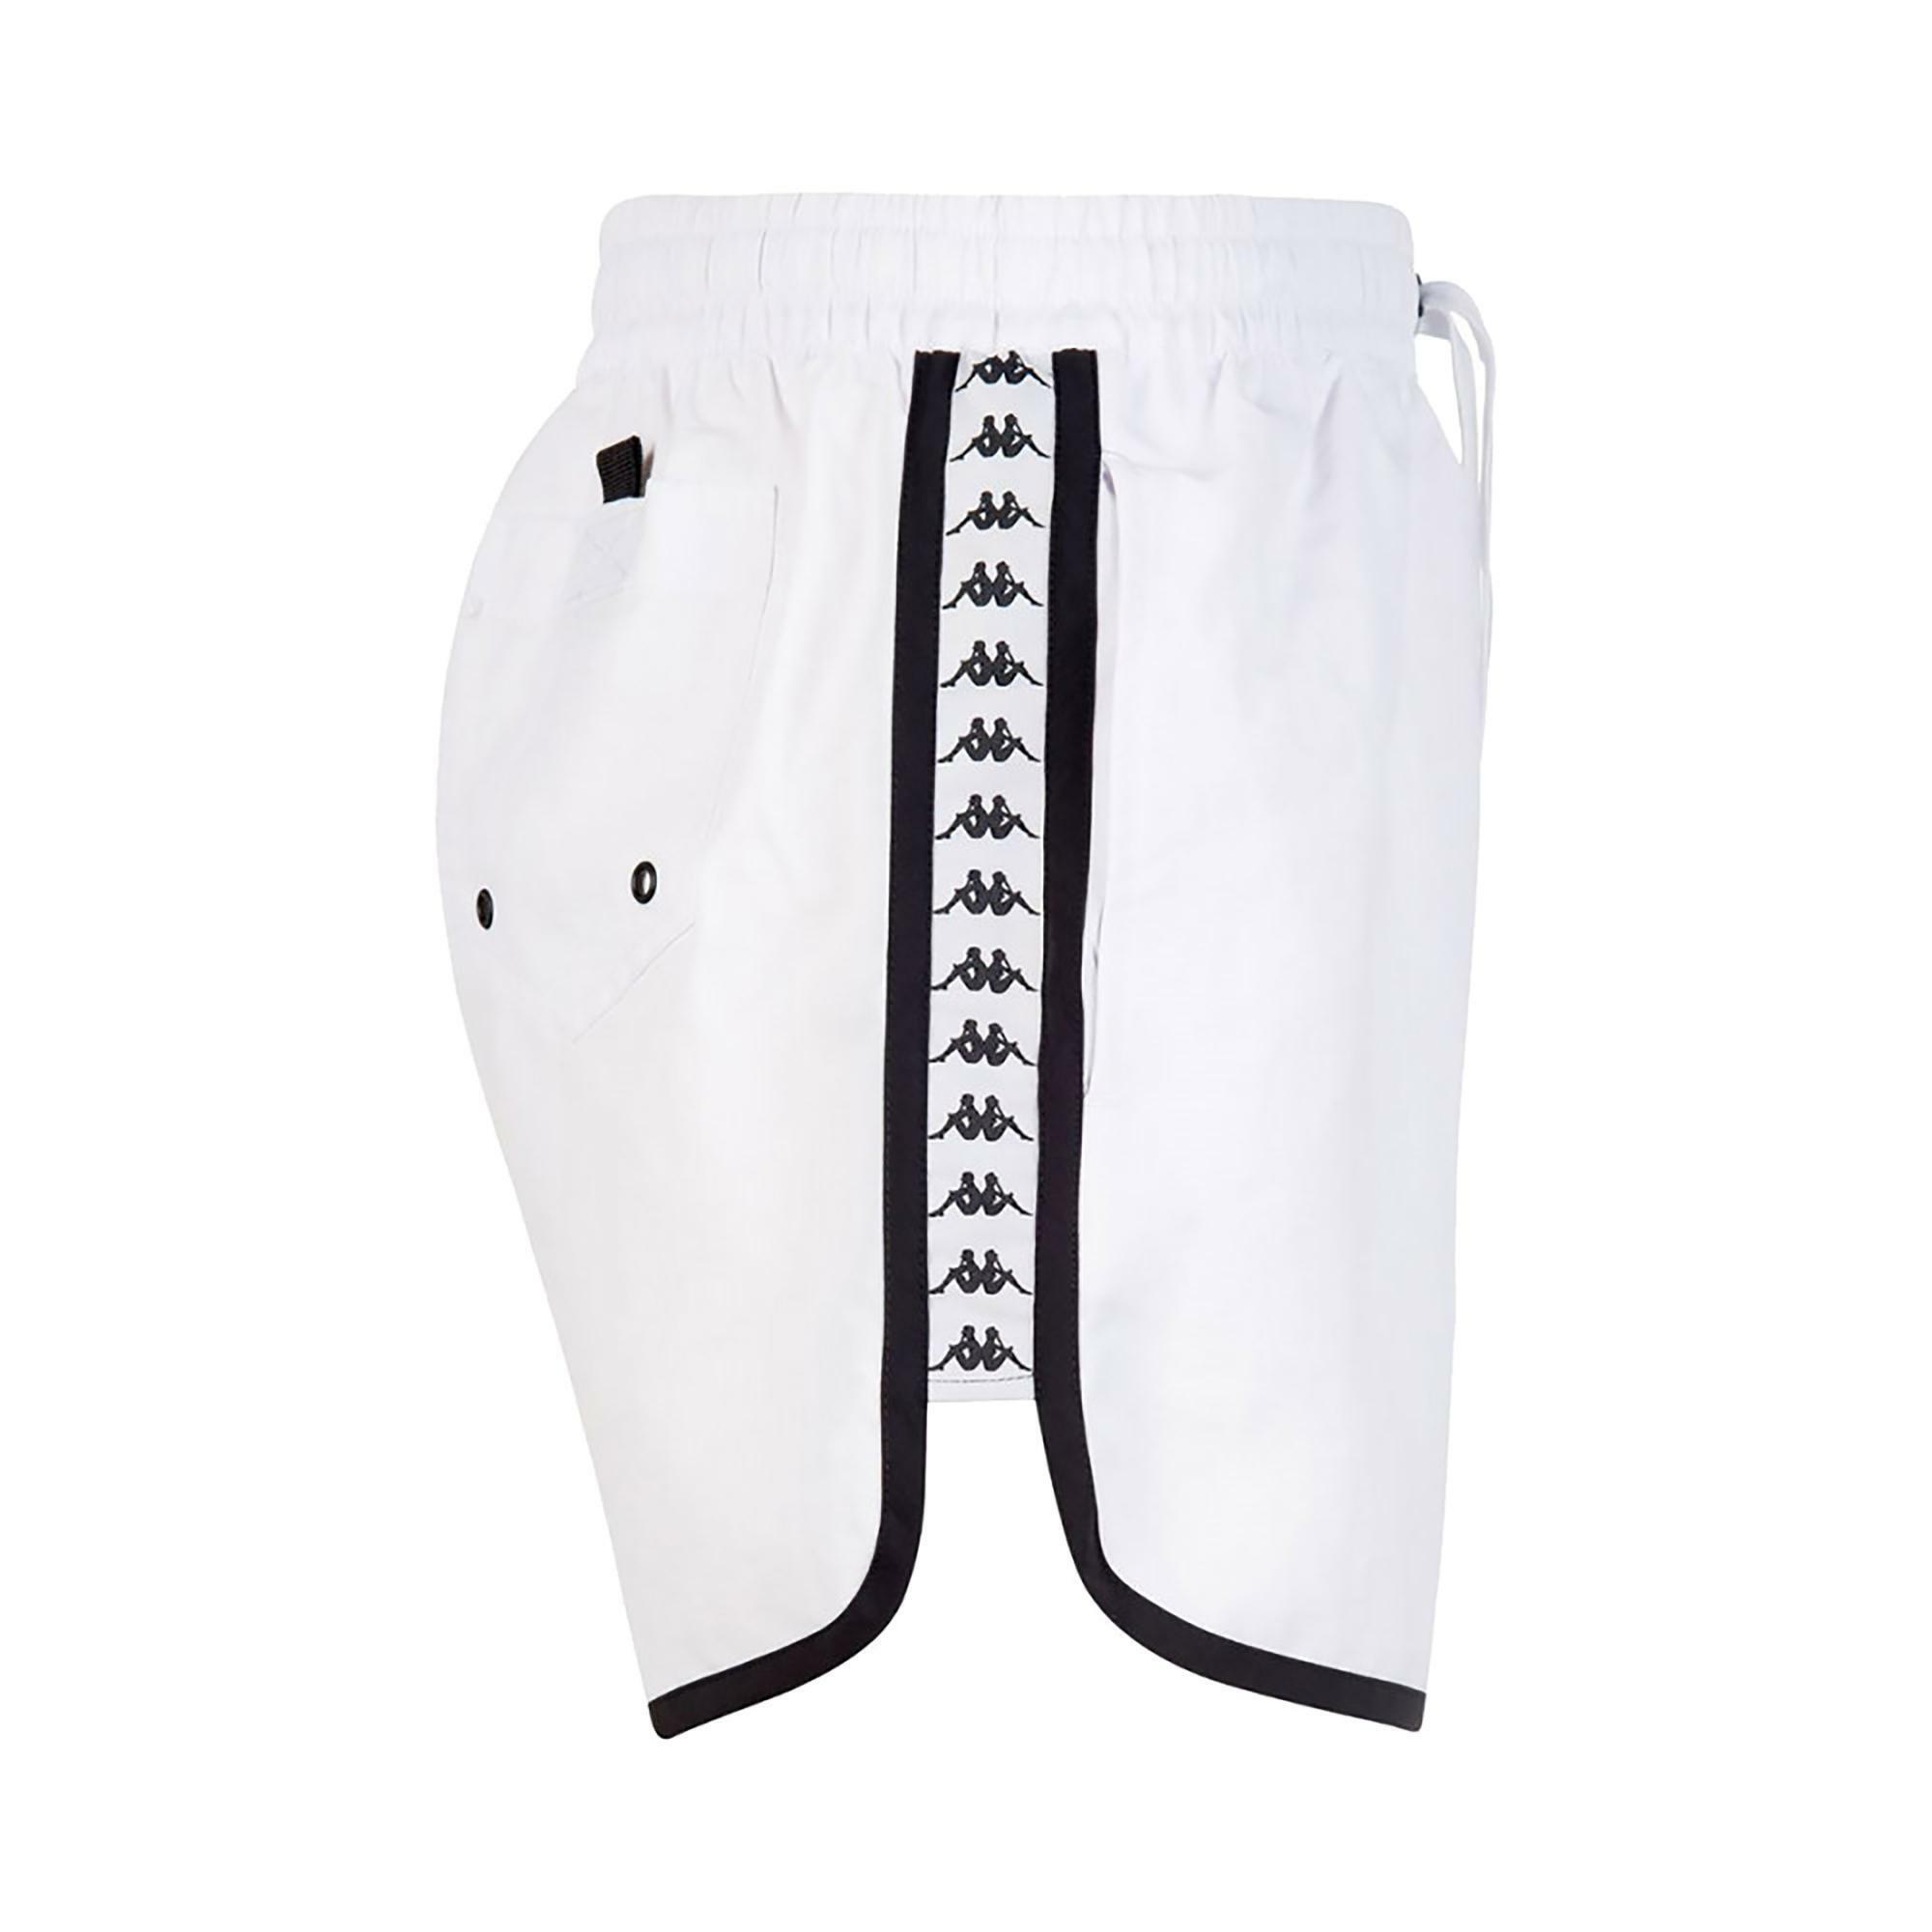 38f7ecb0de50 Kappa authentic agius costume uomo bianco 303wh90974